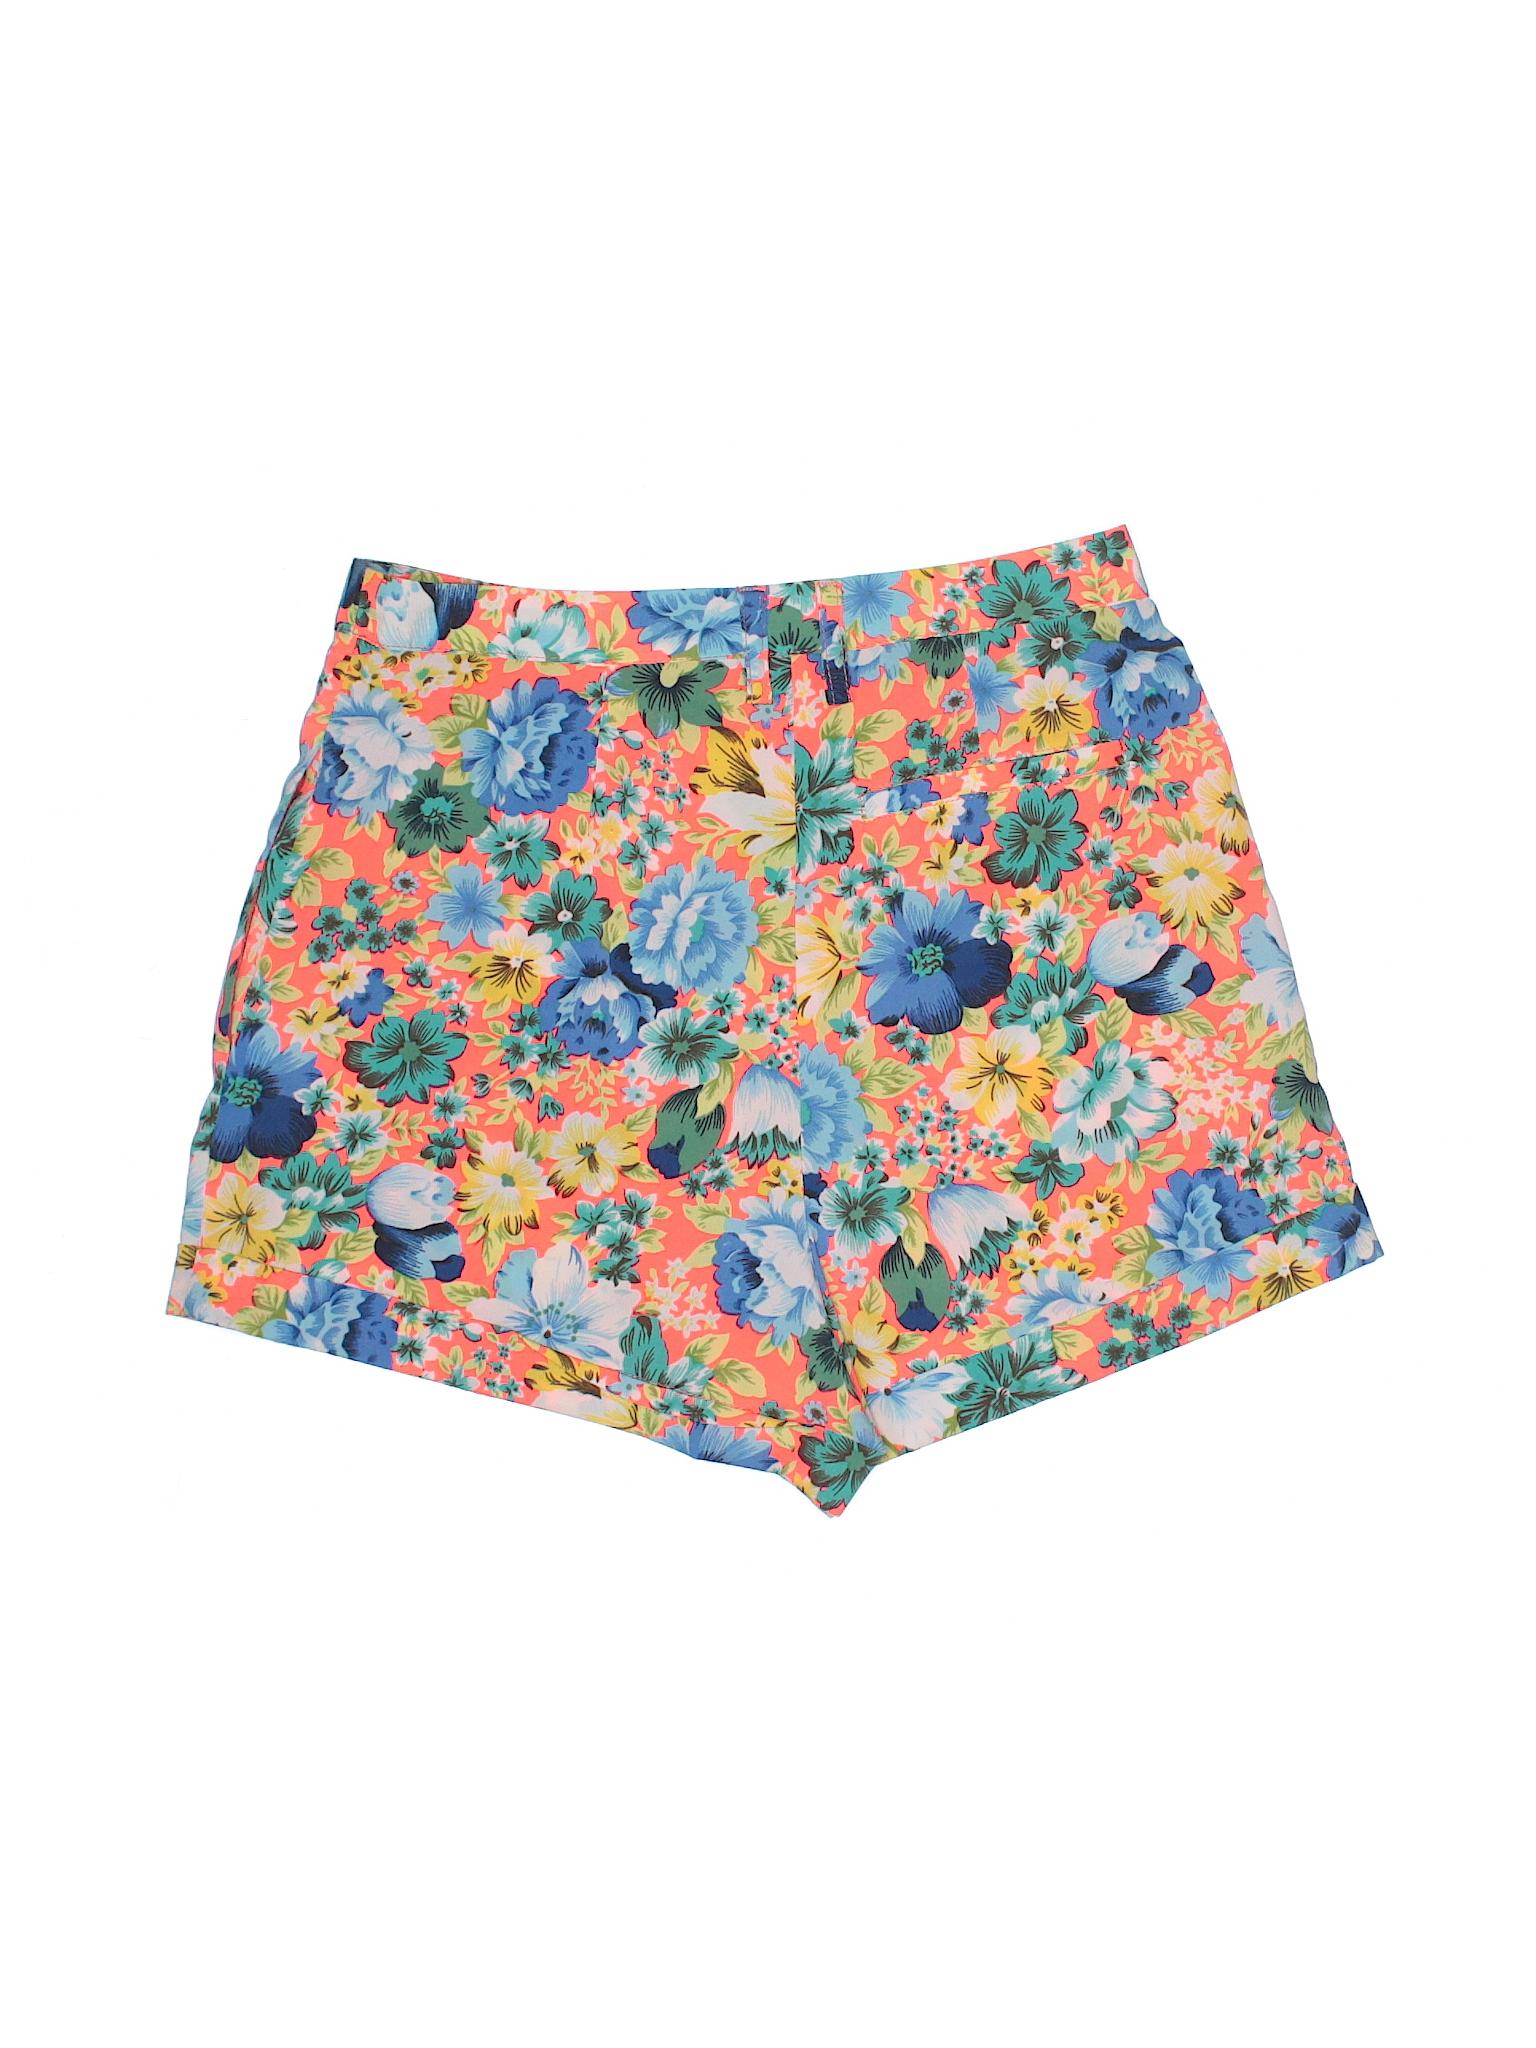 Boutique Boutique Topshop leisure Shorts leisure aqd6a